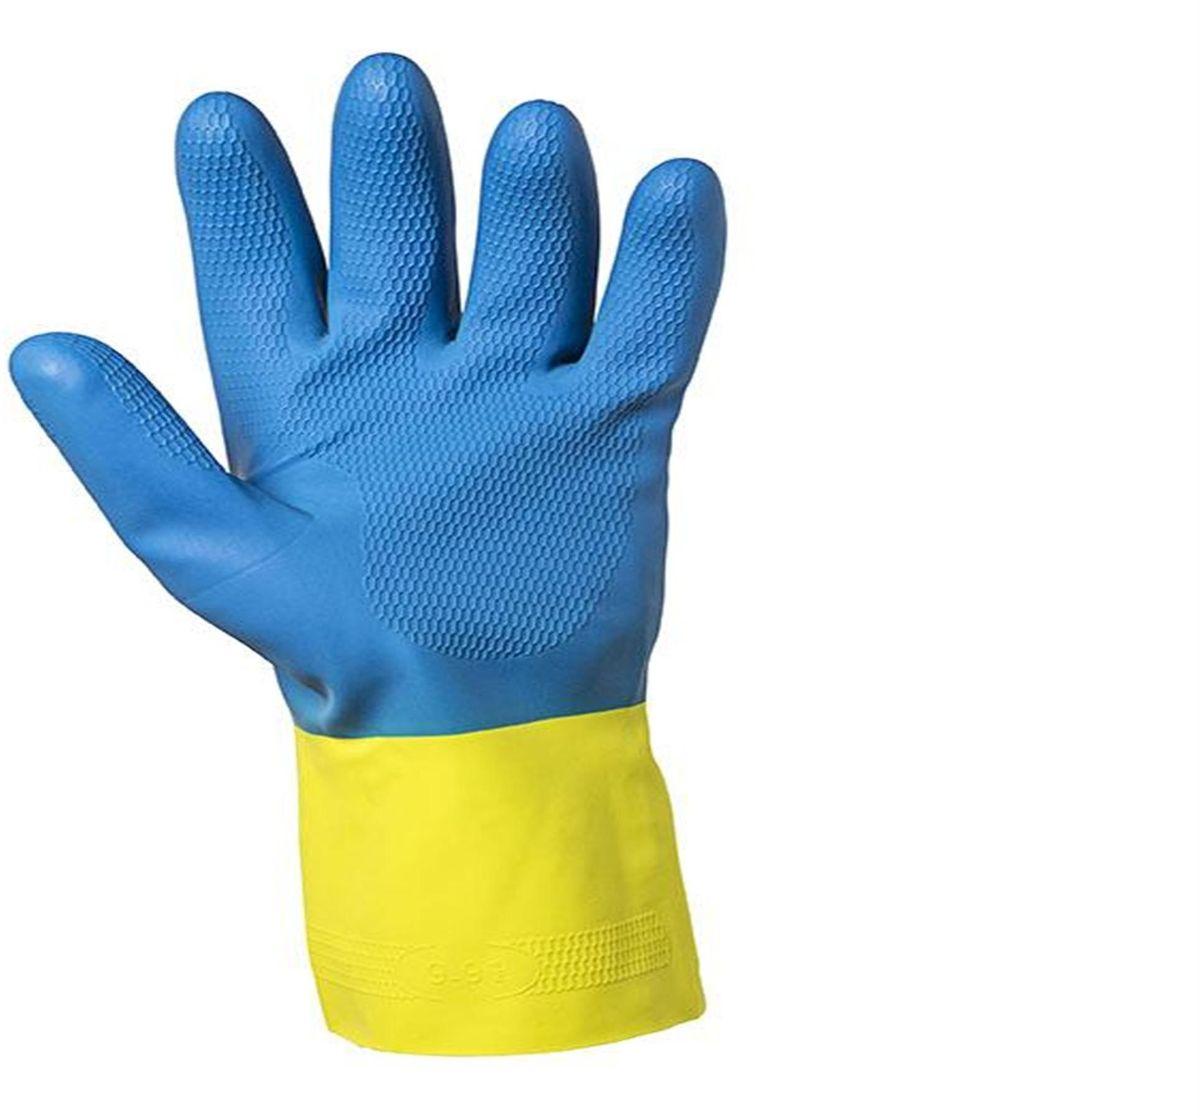 Перчатки хозяйственные Jackson Safety G80, размер 8 (M), цвет: желтый, голубой, 60 парCA-3505Защитные перчатки JACKSON SAFETY® G80 латекс/неопрен для защиты от химических веществ подходят для целого спектра областей применения: обеспечивают надежную защиту от воздействия химических веществ. Относятся к СИЗ категории III (CE Complex), а также обеспечивают защиту от механического воздействия в тех областях, где работают с химическими веществами, маслами, густыми смазками, кислотами, каустическими средствами или растворителями. Разрешен контакт с пищевыми продуктами. Поставляются в виде пары перчаток с индивидуальным дизайном для левой и правой руки; толщина 0,70 мм; имеют неопреновое покрытие поверх латекса для обеспечения максимальной защиты, а также для улучшения гибкости материала. Удлиненные манжеты, текстурированный материал в области ладони обеспечивает отличный захват при работе сухими/влажными поверхностями; хлопковое напыление на внутренней стороне перчатки обеспечивает легкость при надевании/снятии перчатки, а также комфорт при длительном использовании. Хлорированы для снижения воздействия латексных протеинов на кожу.Размеры:38741 - S (7)38742 - M (8)38743 - L (9)38744 - XL (10)